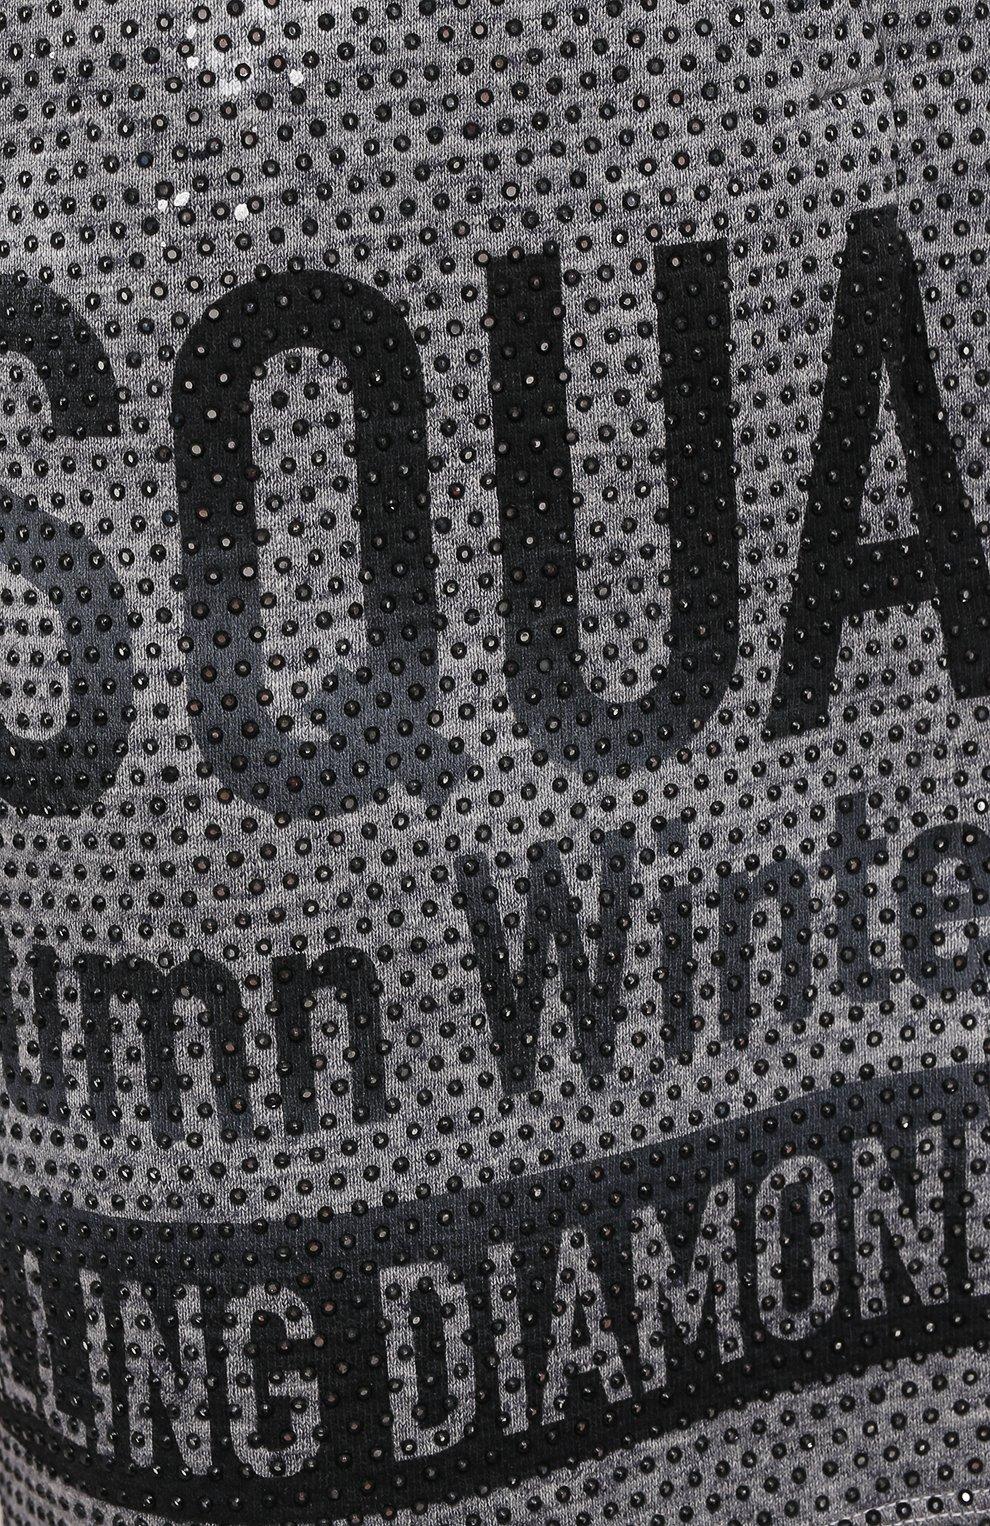 Мужские хлопковые шорты DSQUARED2 серого цвета, арт. S74MU0676/S25477   Фото 5 (Длина Шорты М: До колена; Принт: С принтом; Кросс-КТ: Трикотаж; Материал внешний: Хлопок; Стили: Спорт-шик)